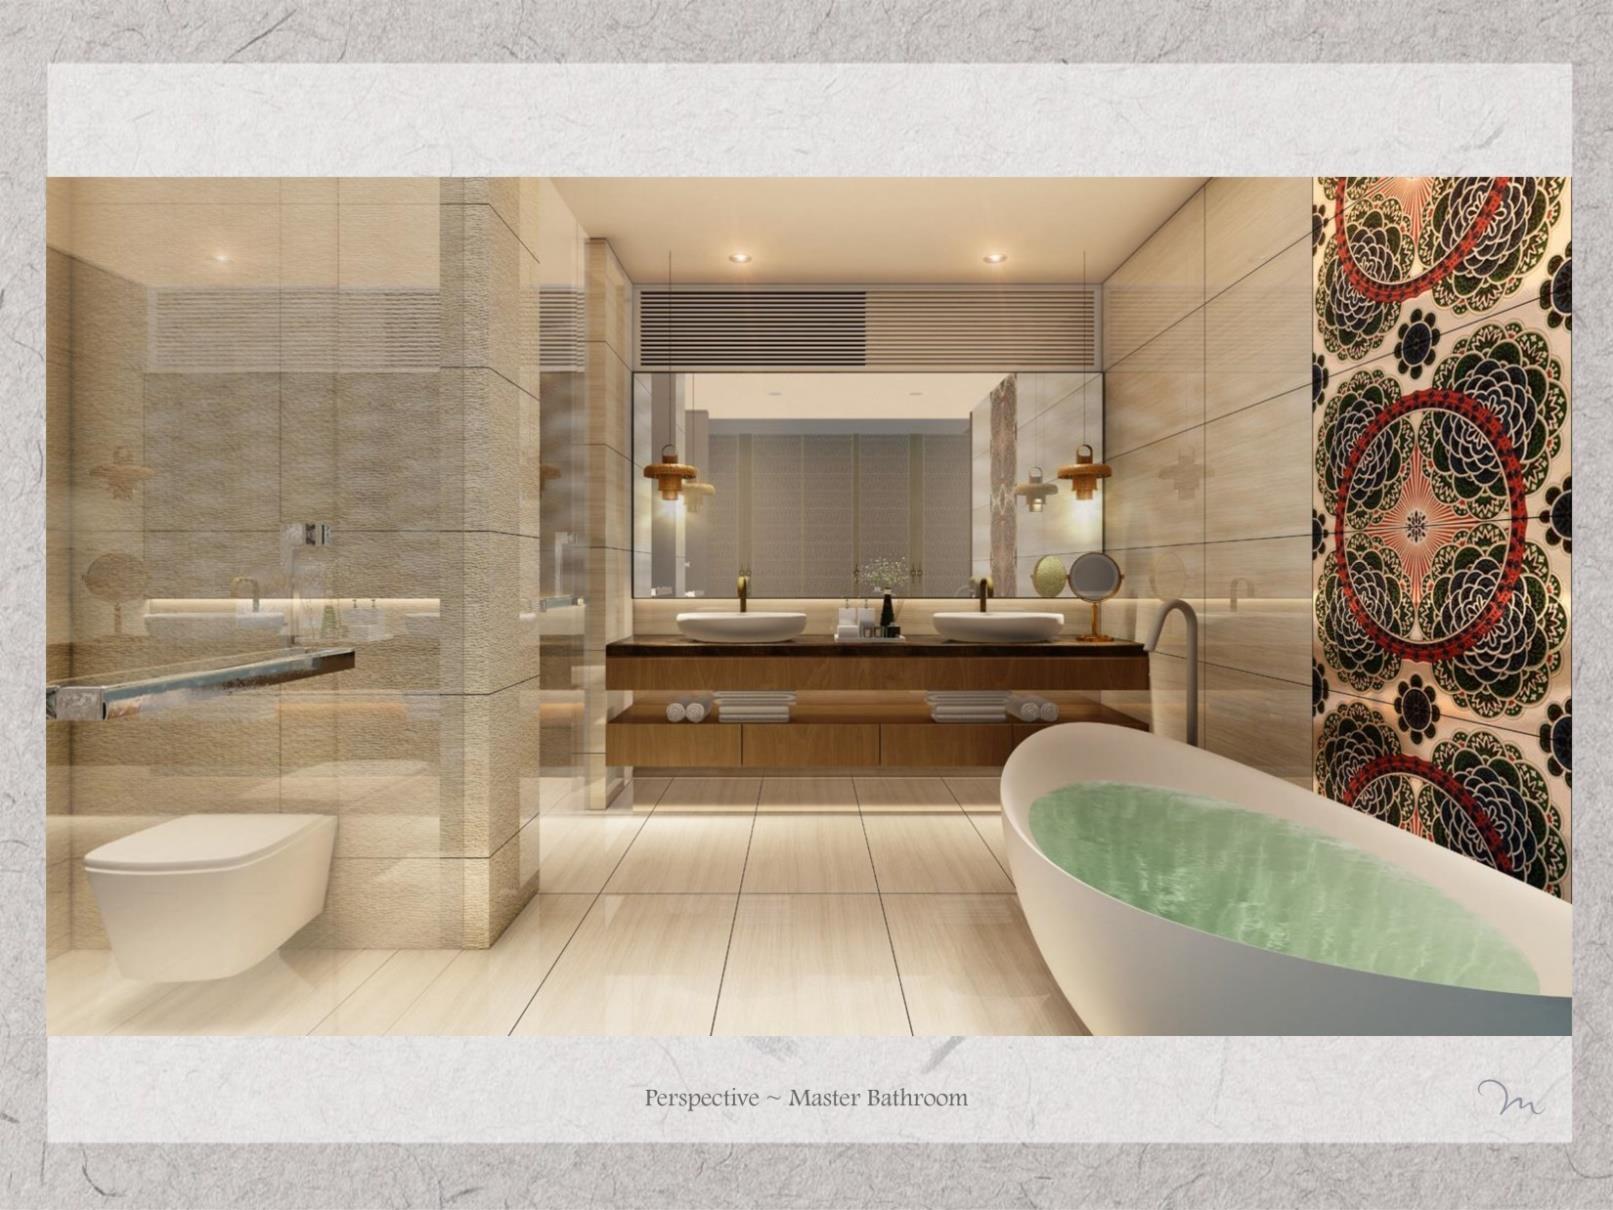 phong wc shantira villas